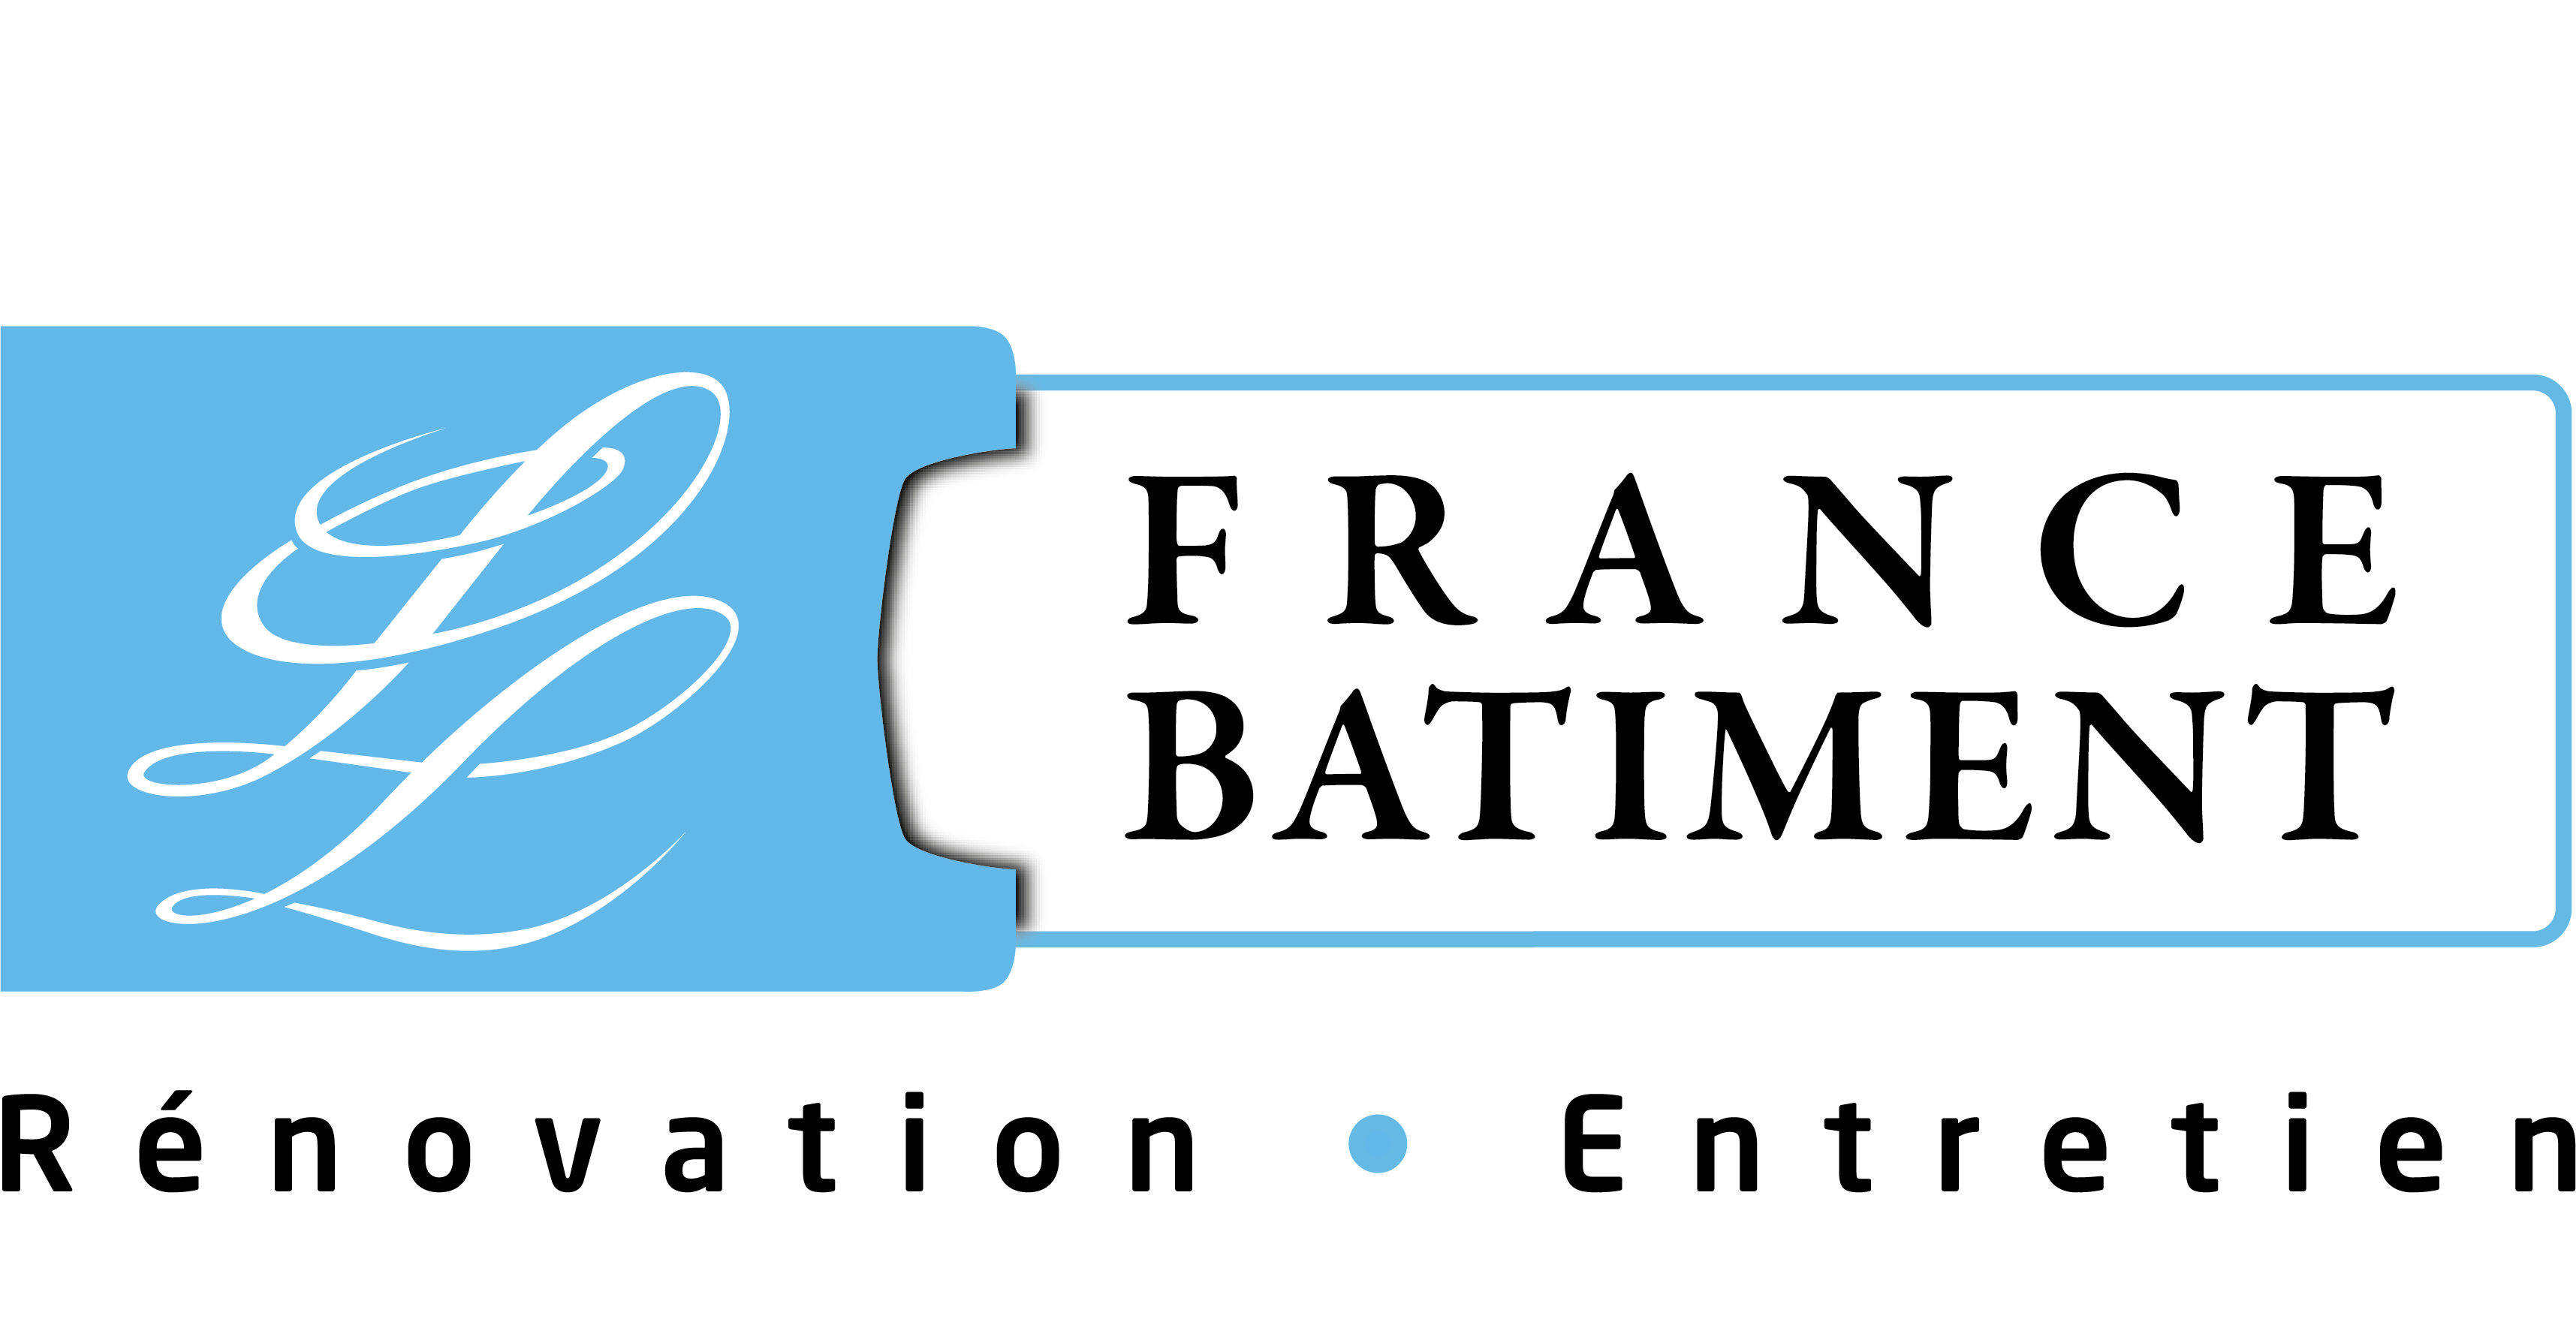 FRANCE BATIMENT RENOVATION ENTRETIEN